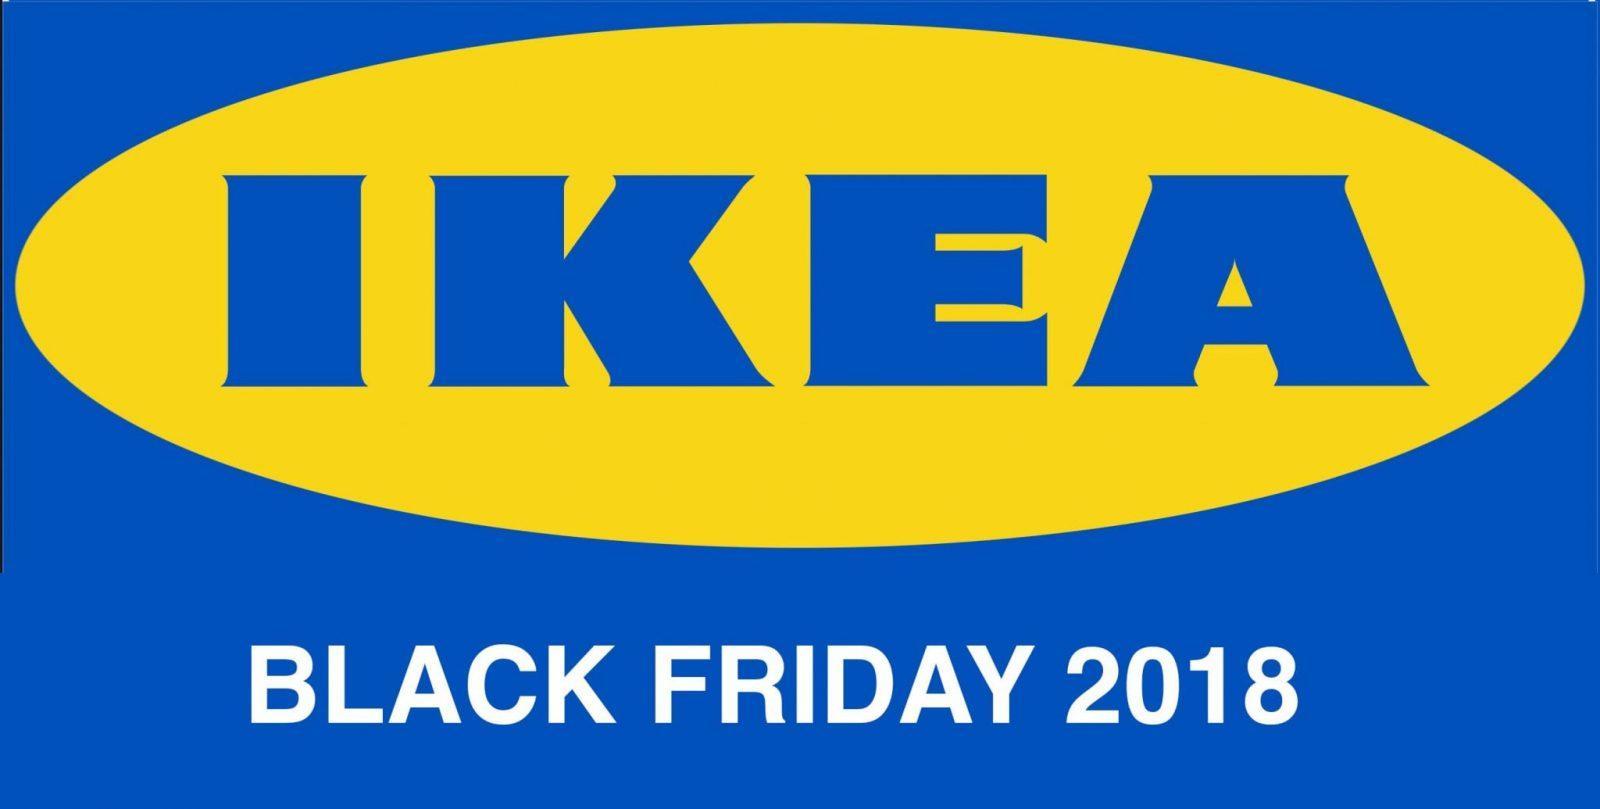 Black Friday Ikea 2018 Offerte Promozioni E Sconti